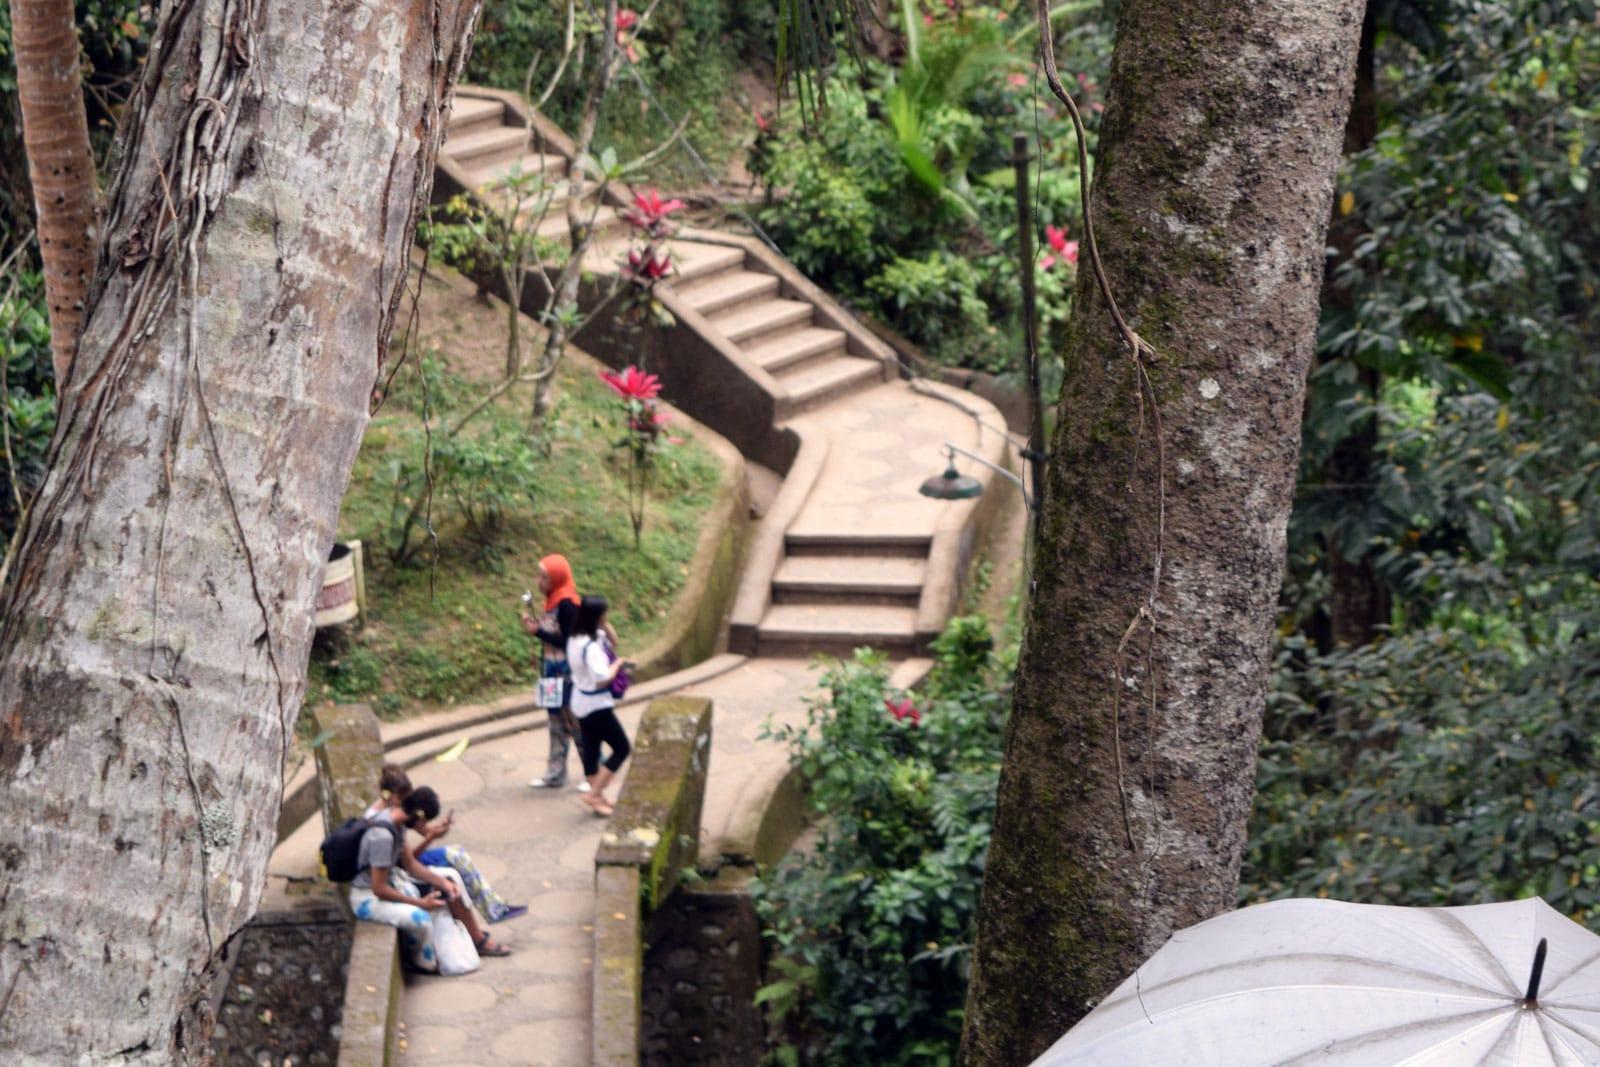 De trap richting het bos van de olifantengrot